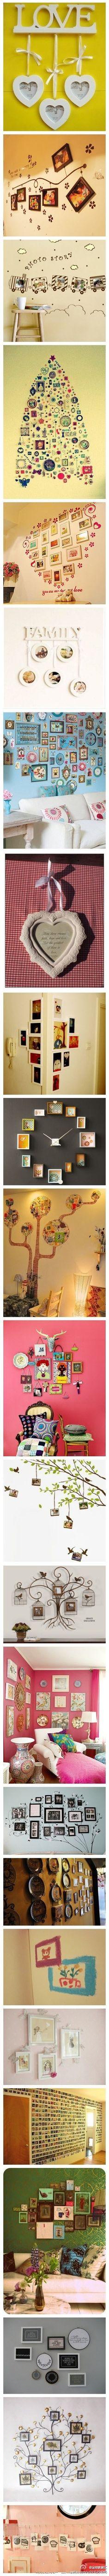 24 ideias para usar molduras decoração paredes